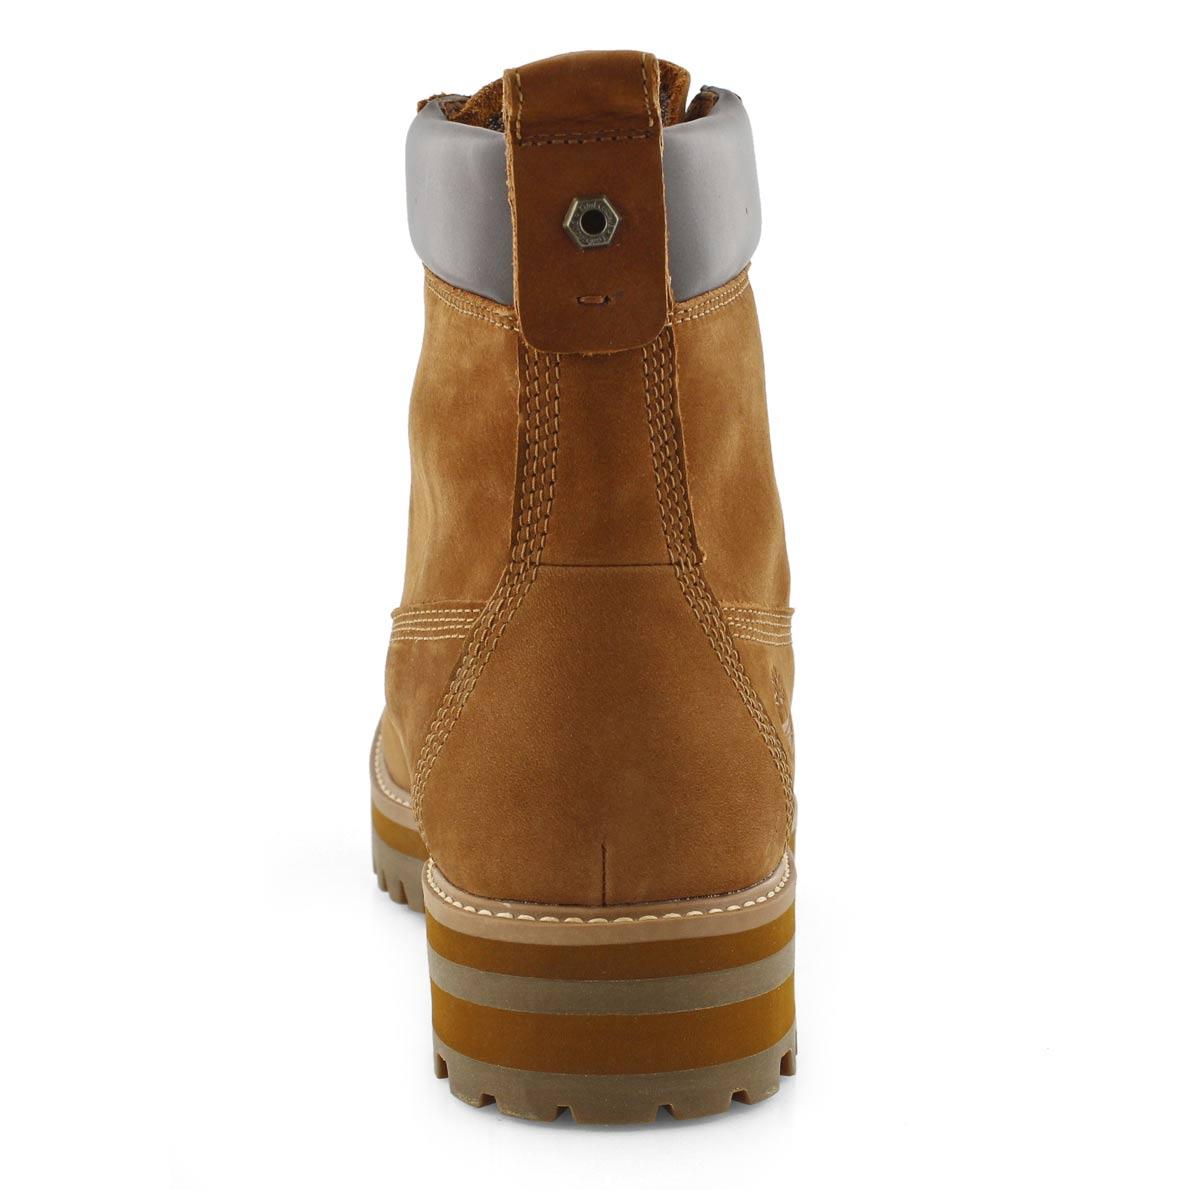 Men's COURMA GUY rust waterproof boots